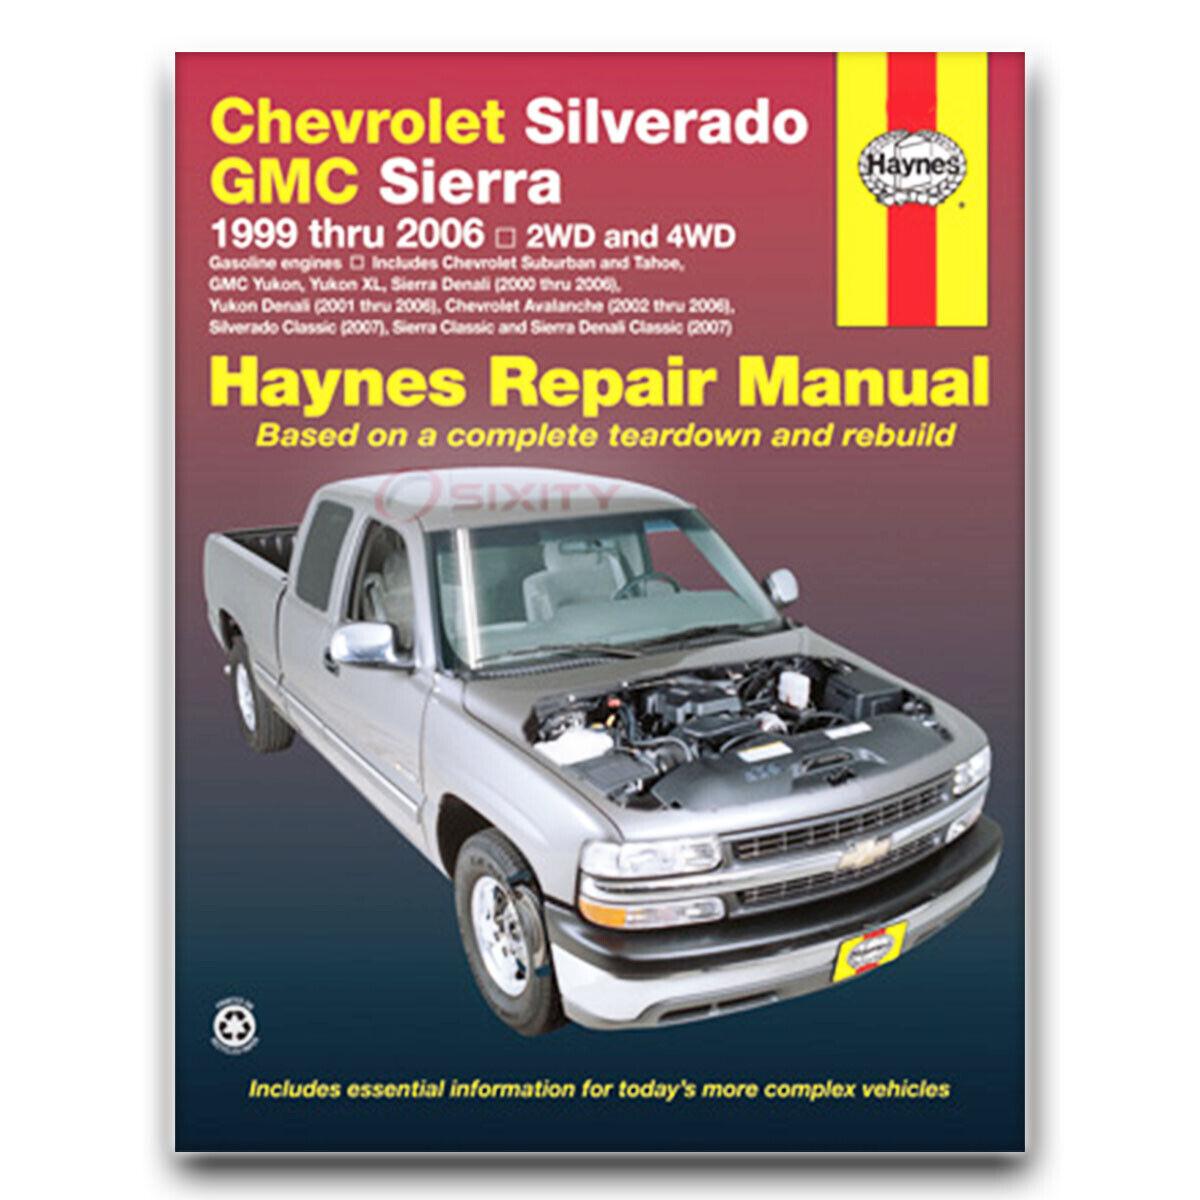 Diagnostic, Test & Measurement Tools Haynes Repair Manual 24051 ...